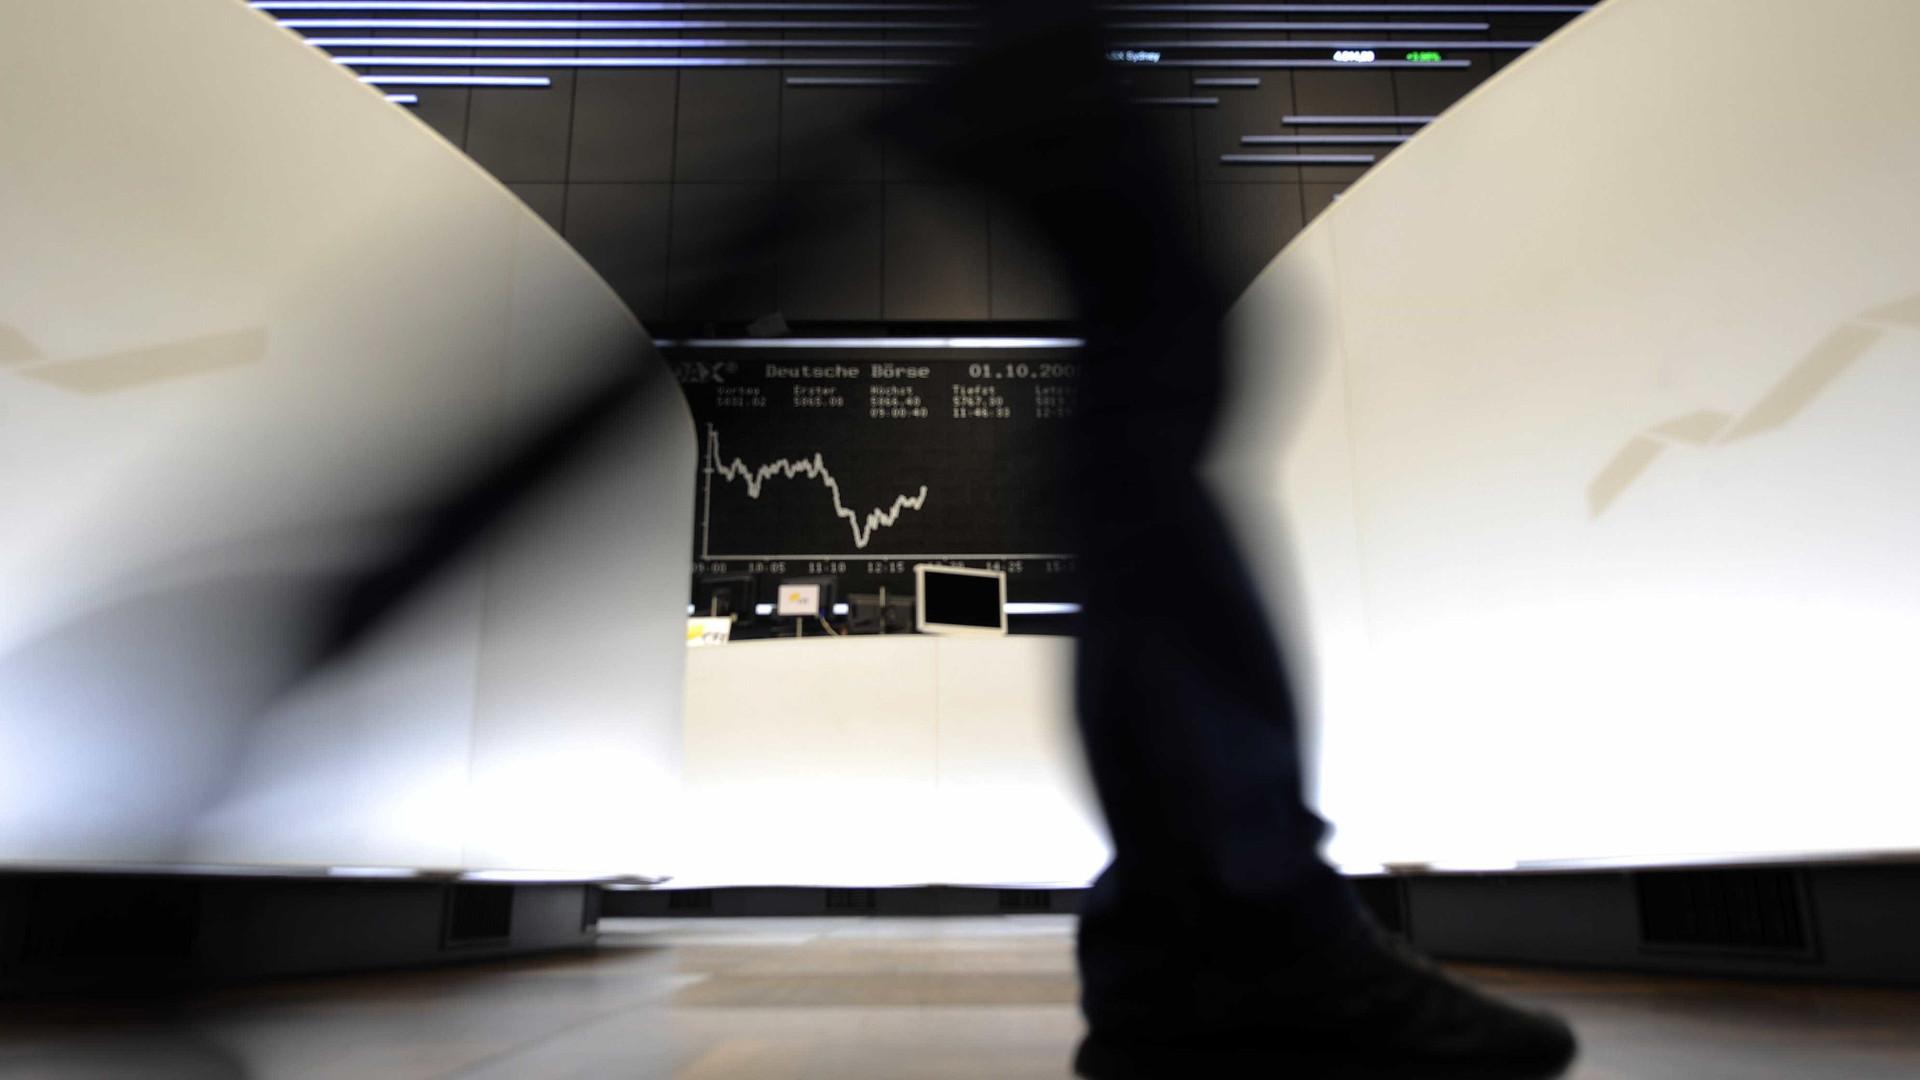 Europa segue no verde com investidores atentos a Bruxelas